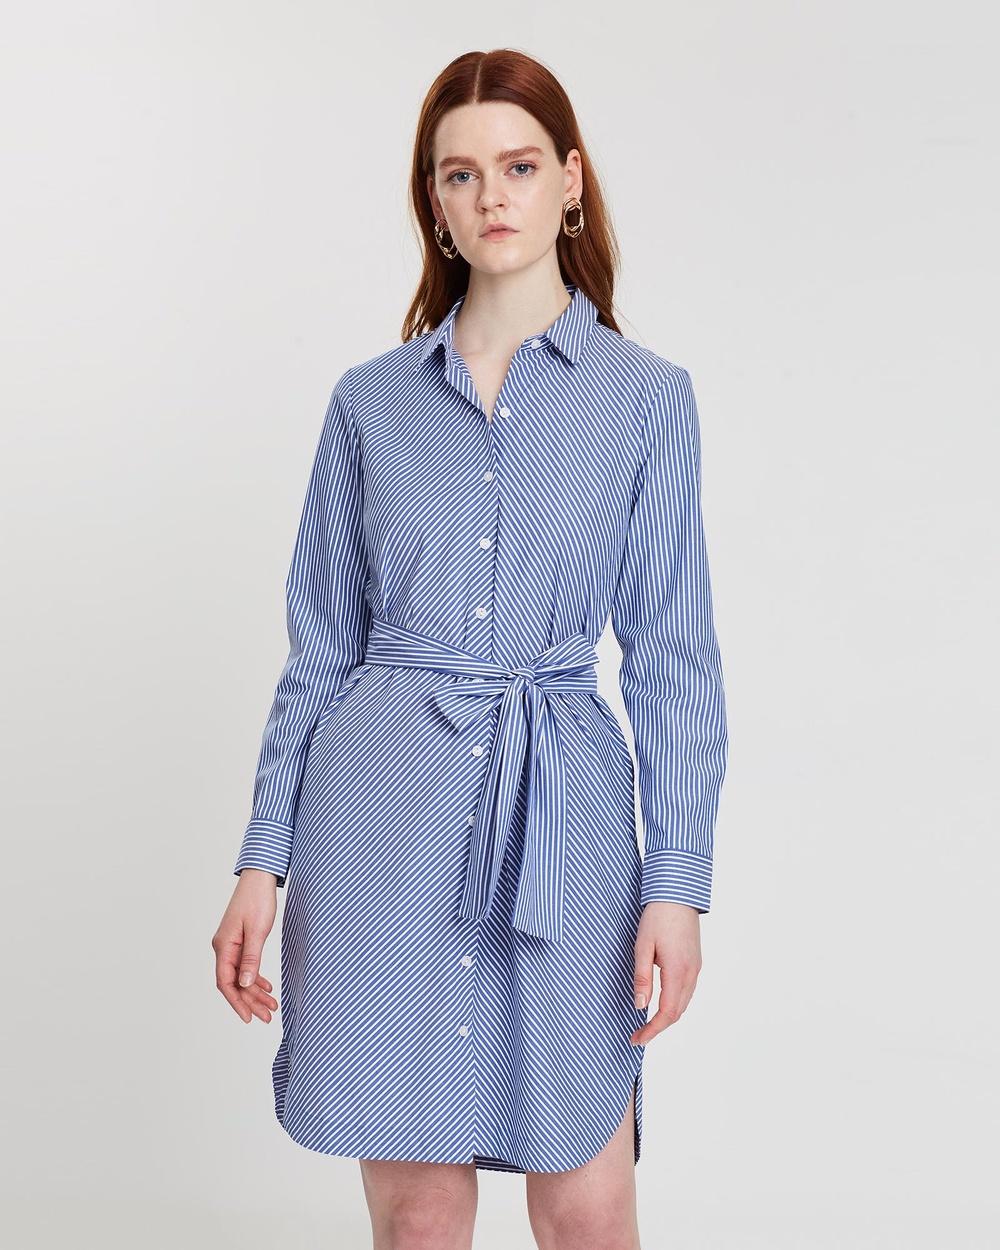 Sportscraft Blue & White Elly Tie Front Shirtdress